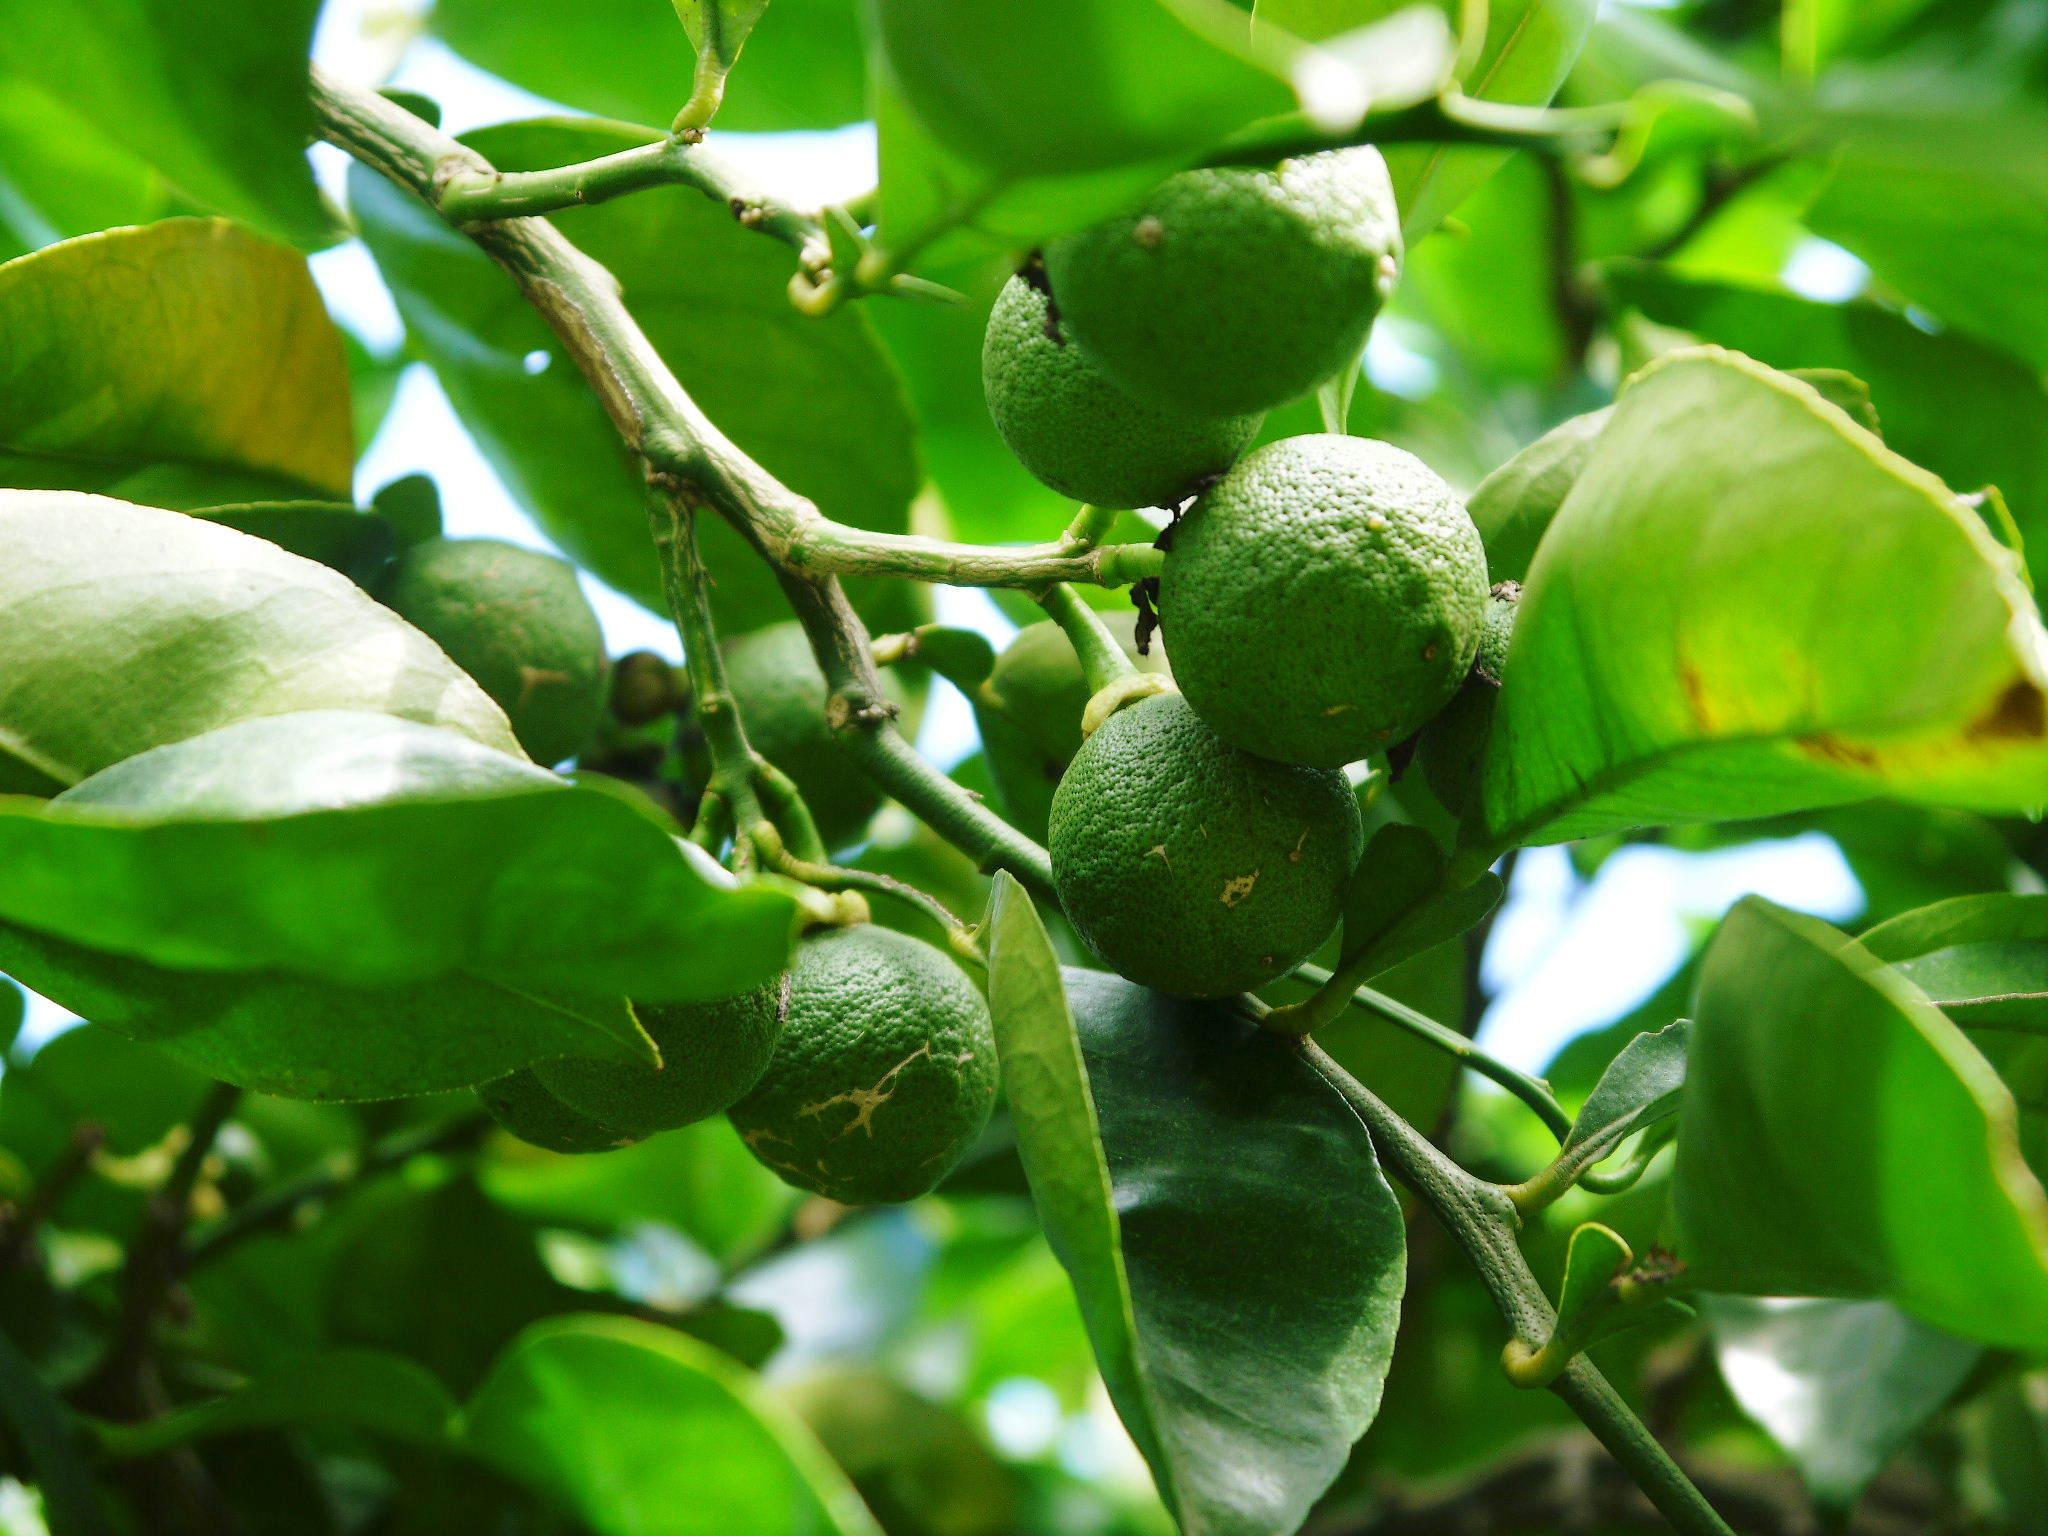 無農薬栽培の『種なしかぼす』 着果の様子を現地取材!令和2年も8月中旬からの出荷予定なのですが・・・_a0254656_19062036.jpg